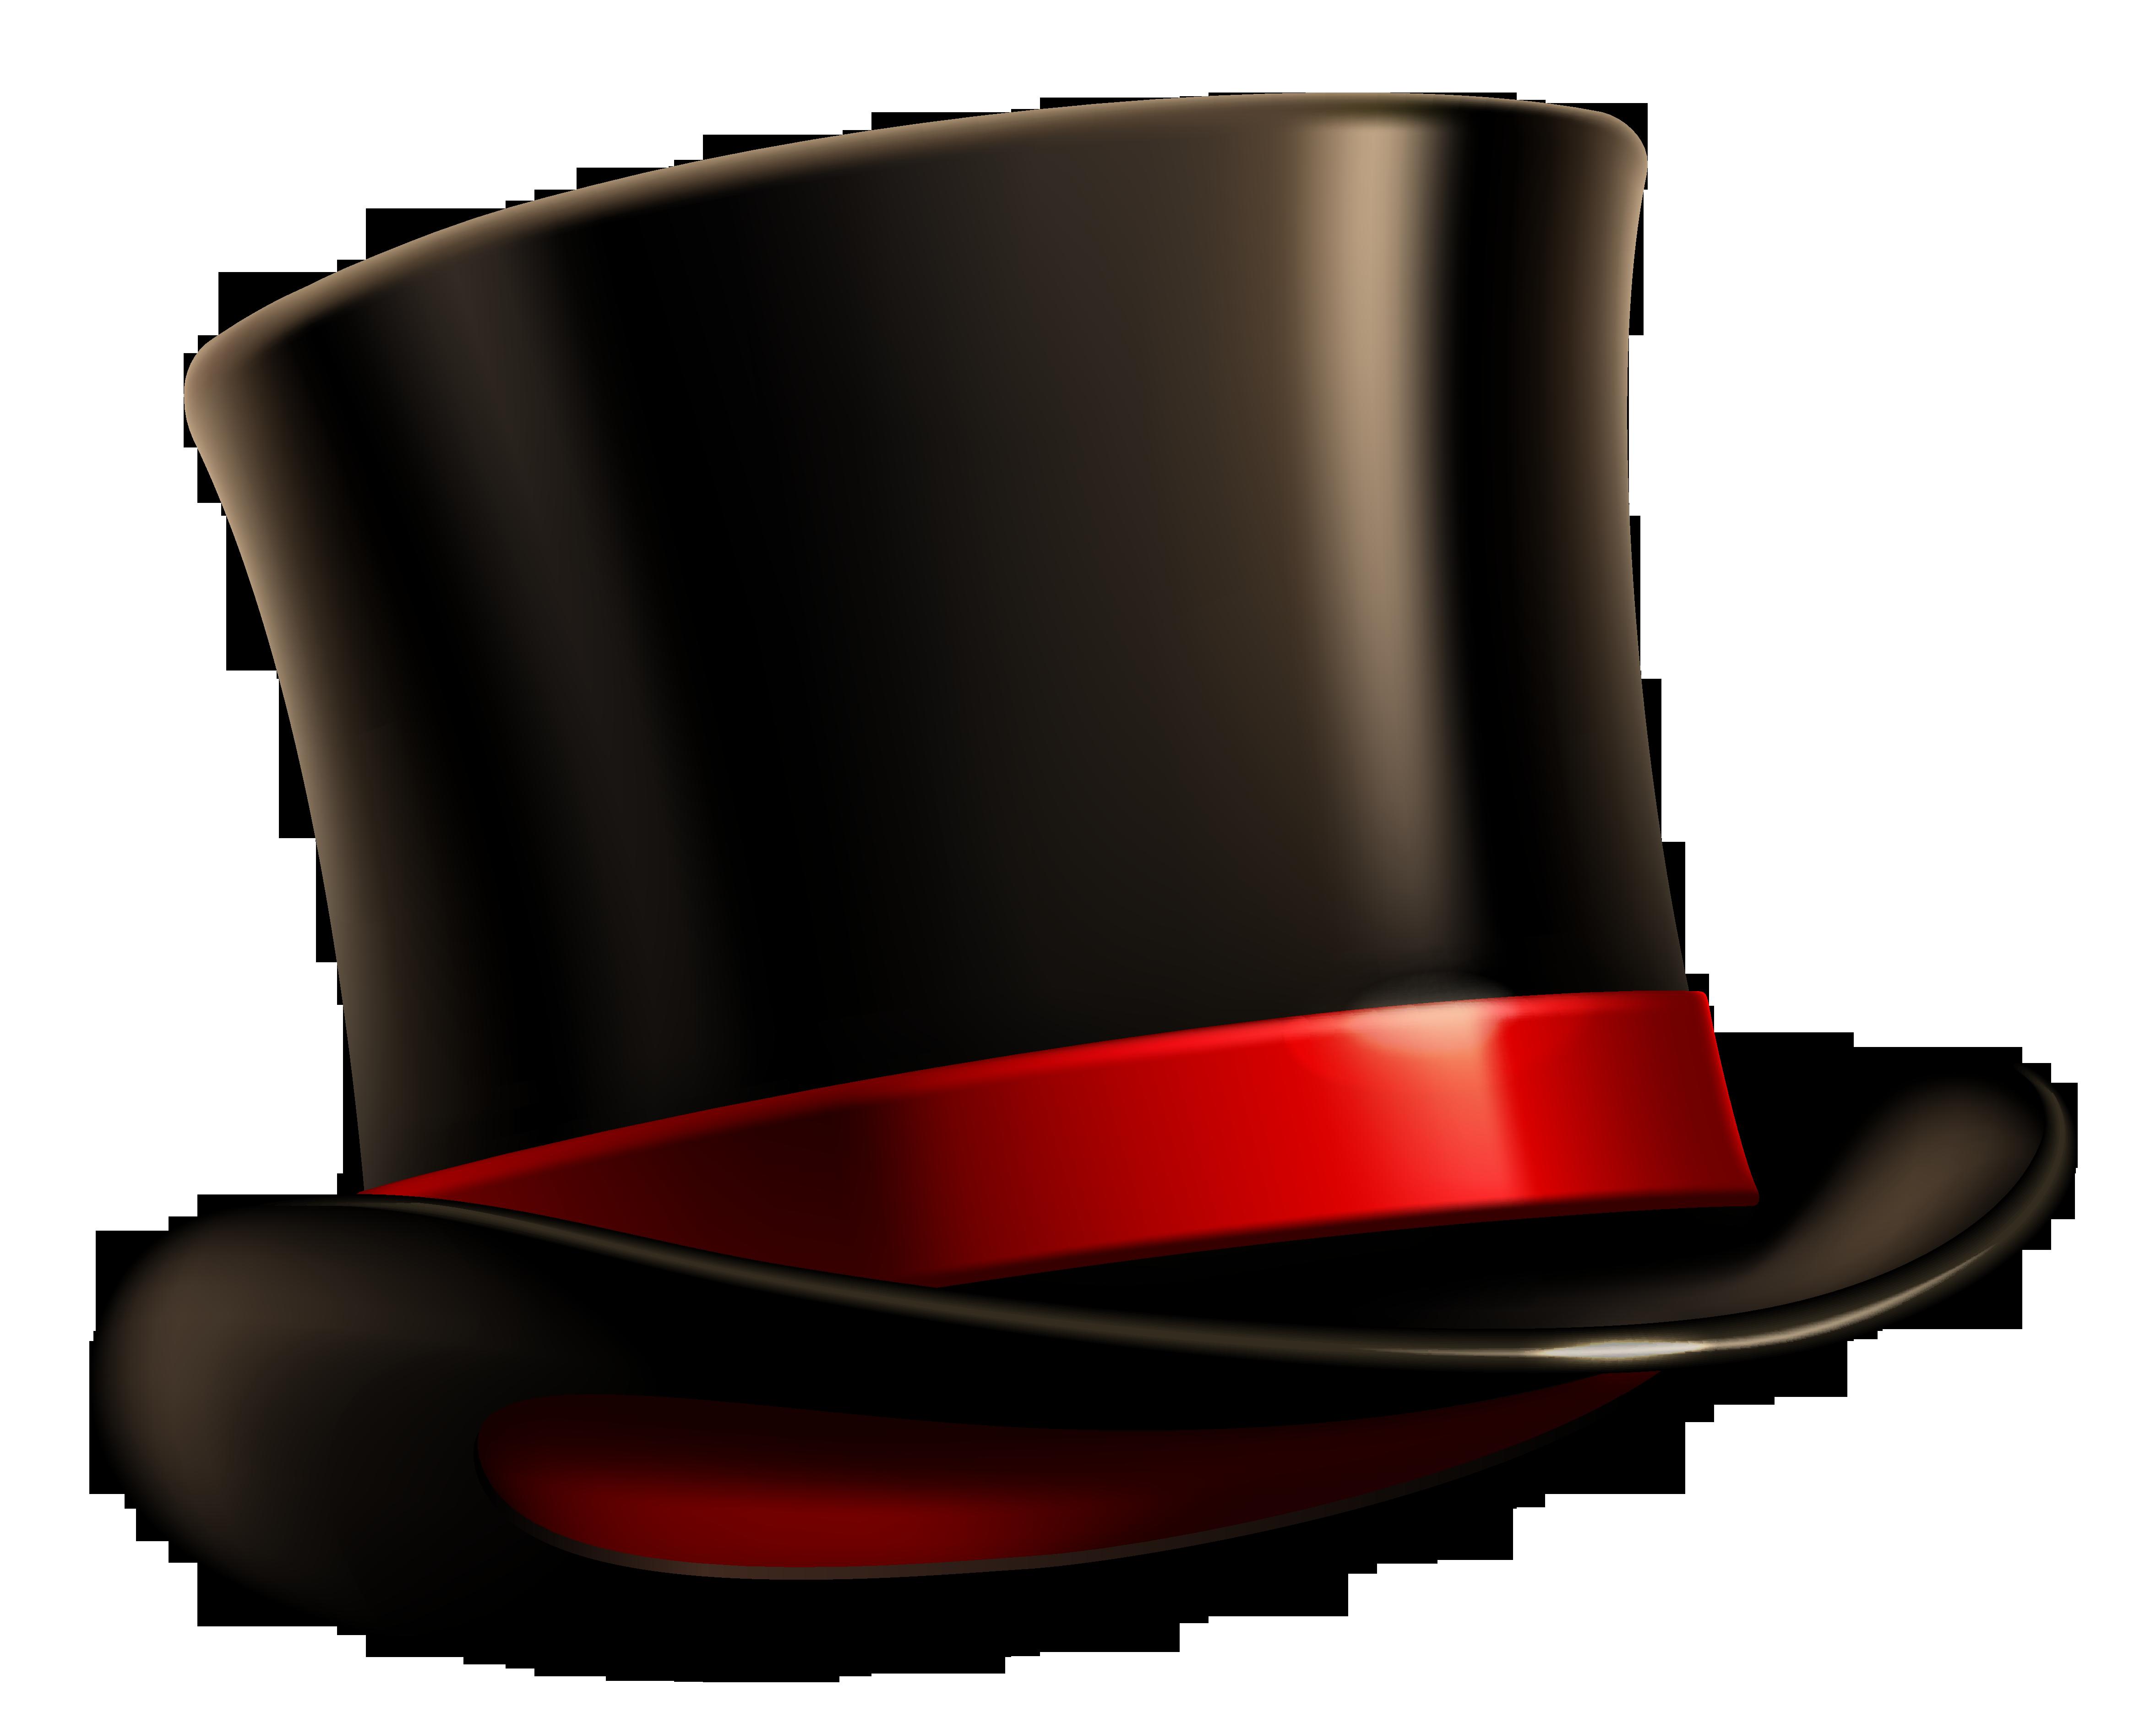 4708x3786 Hat Clip Art 2 Clipartcow 2